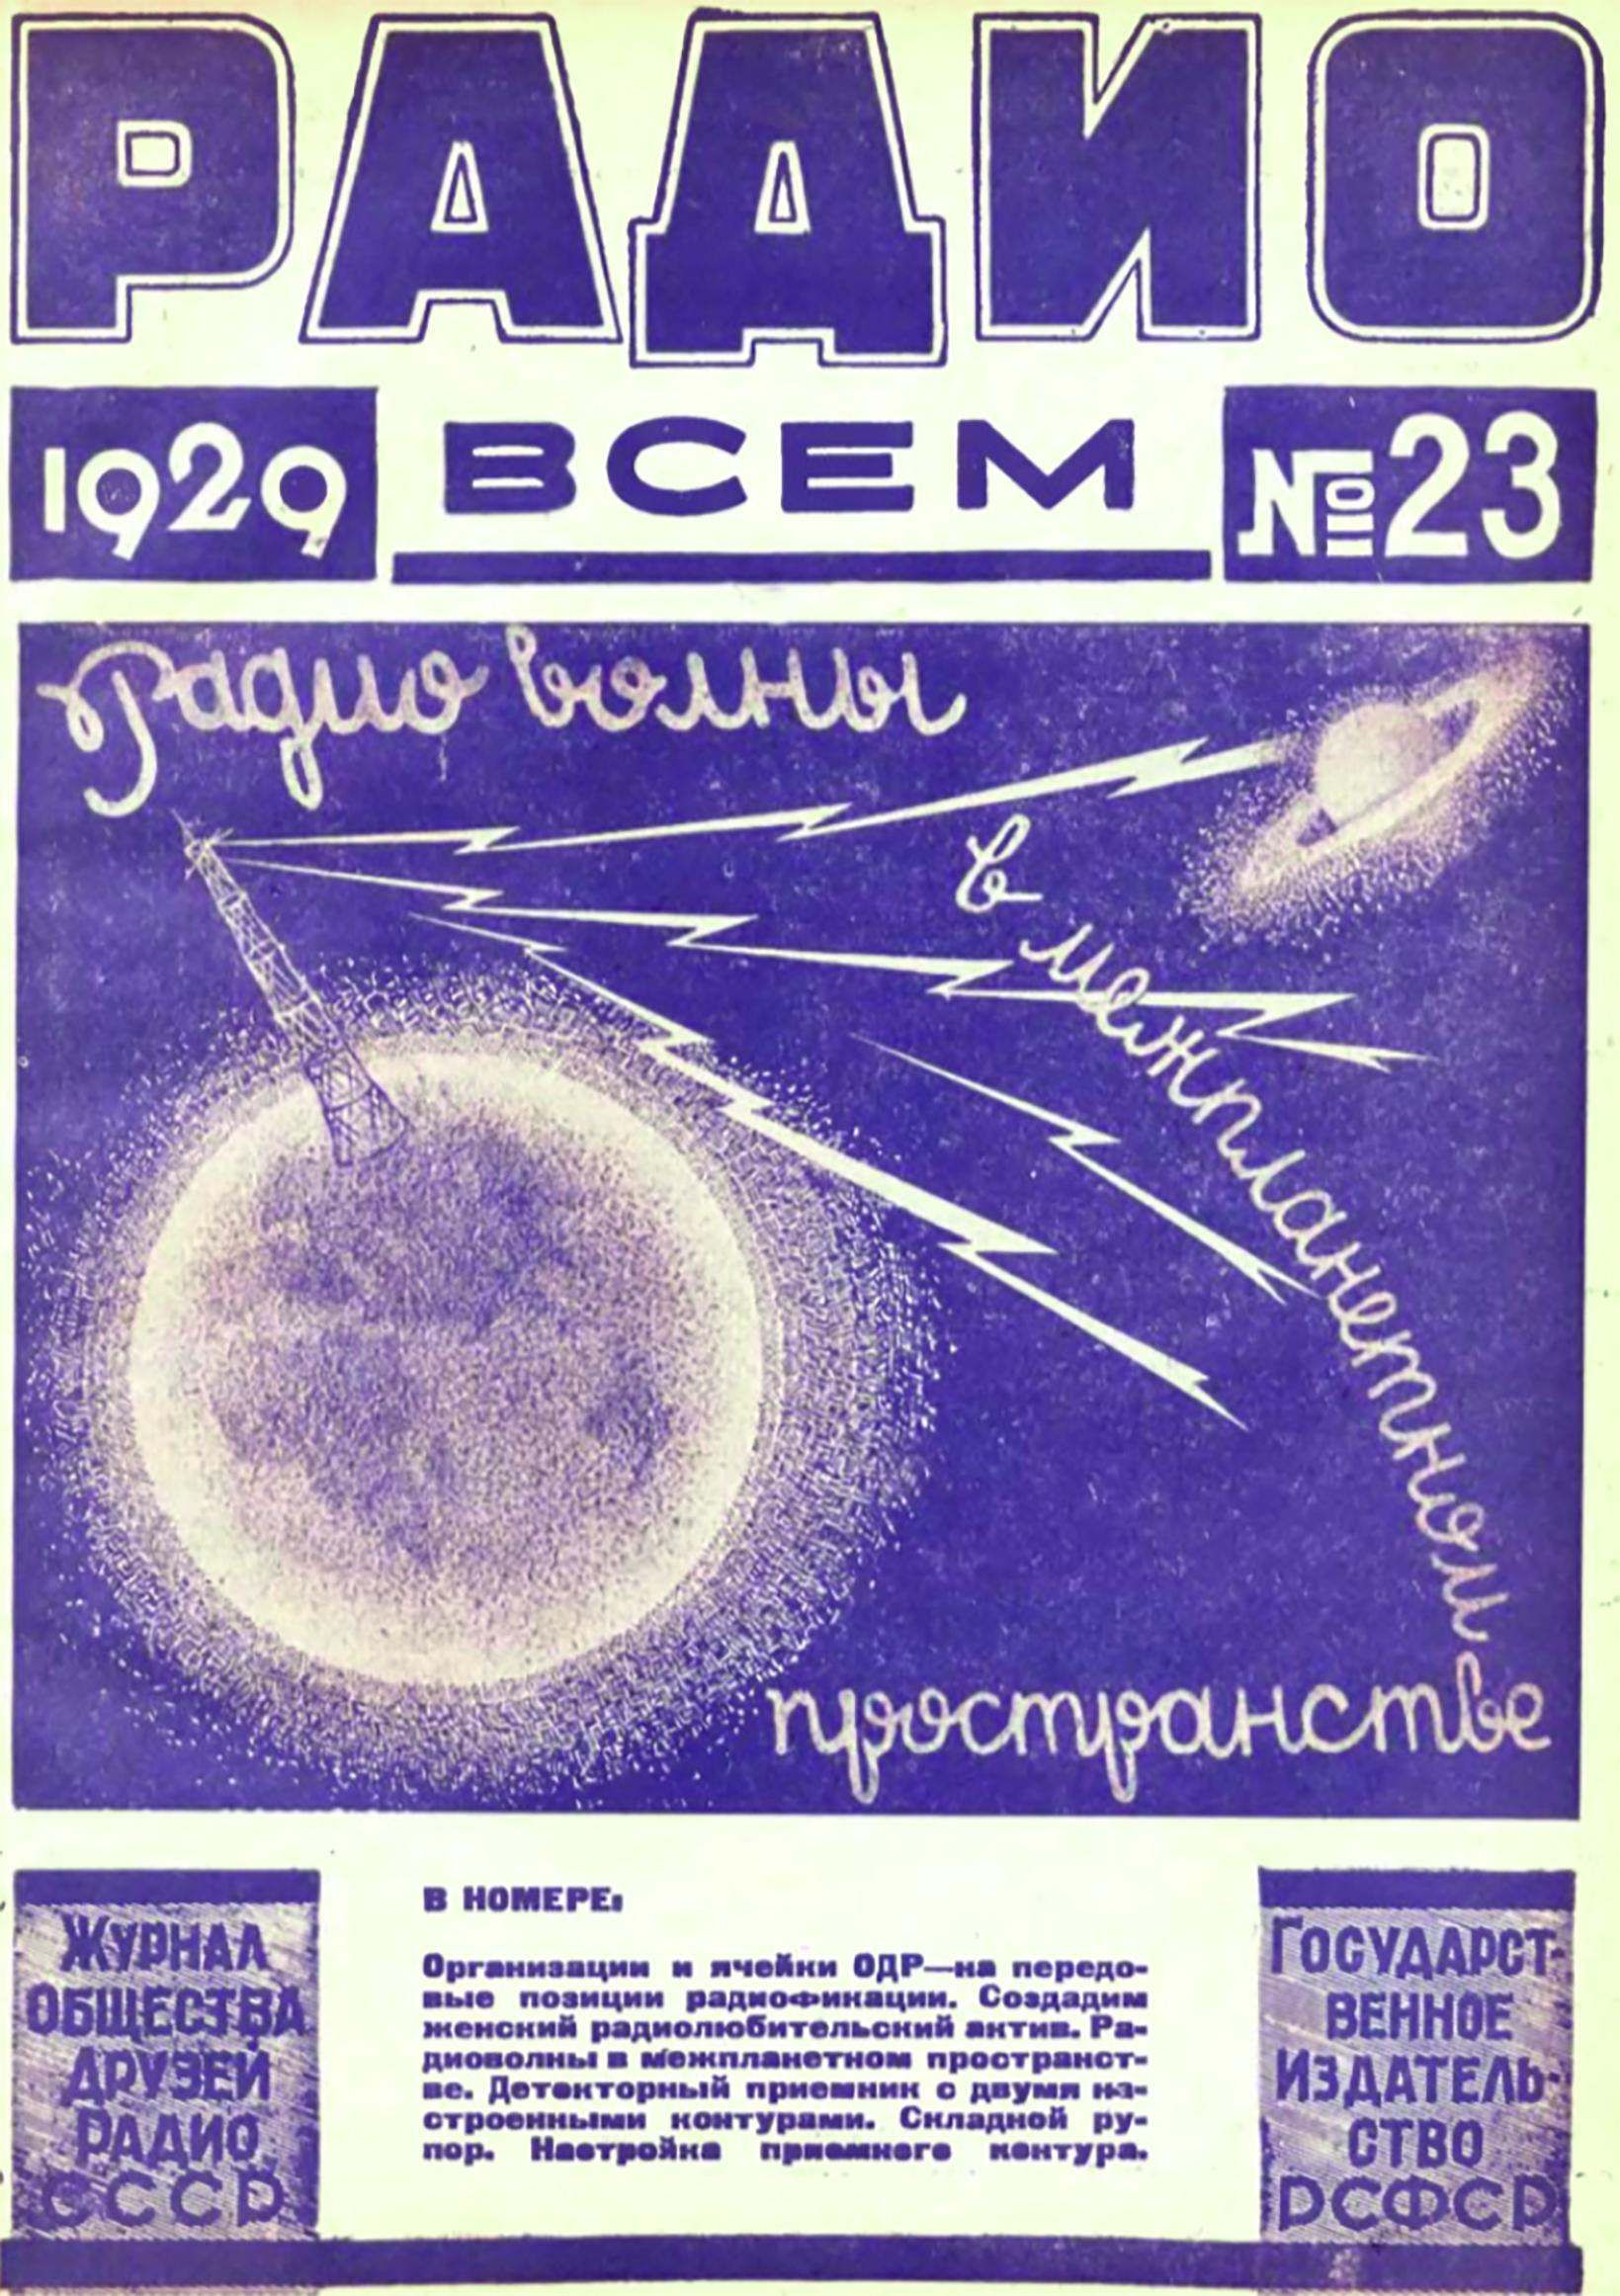 Обложка журнала «Радио всем»